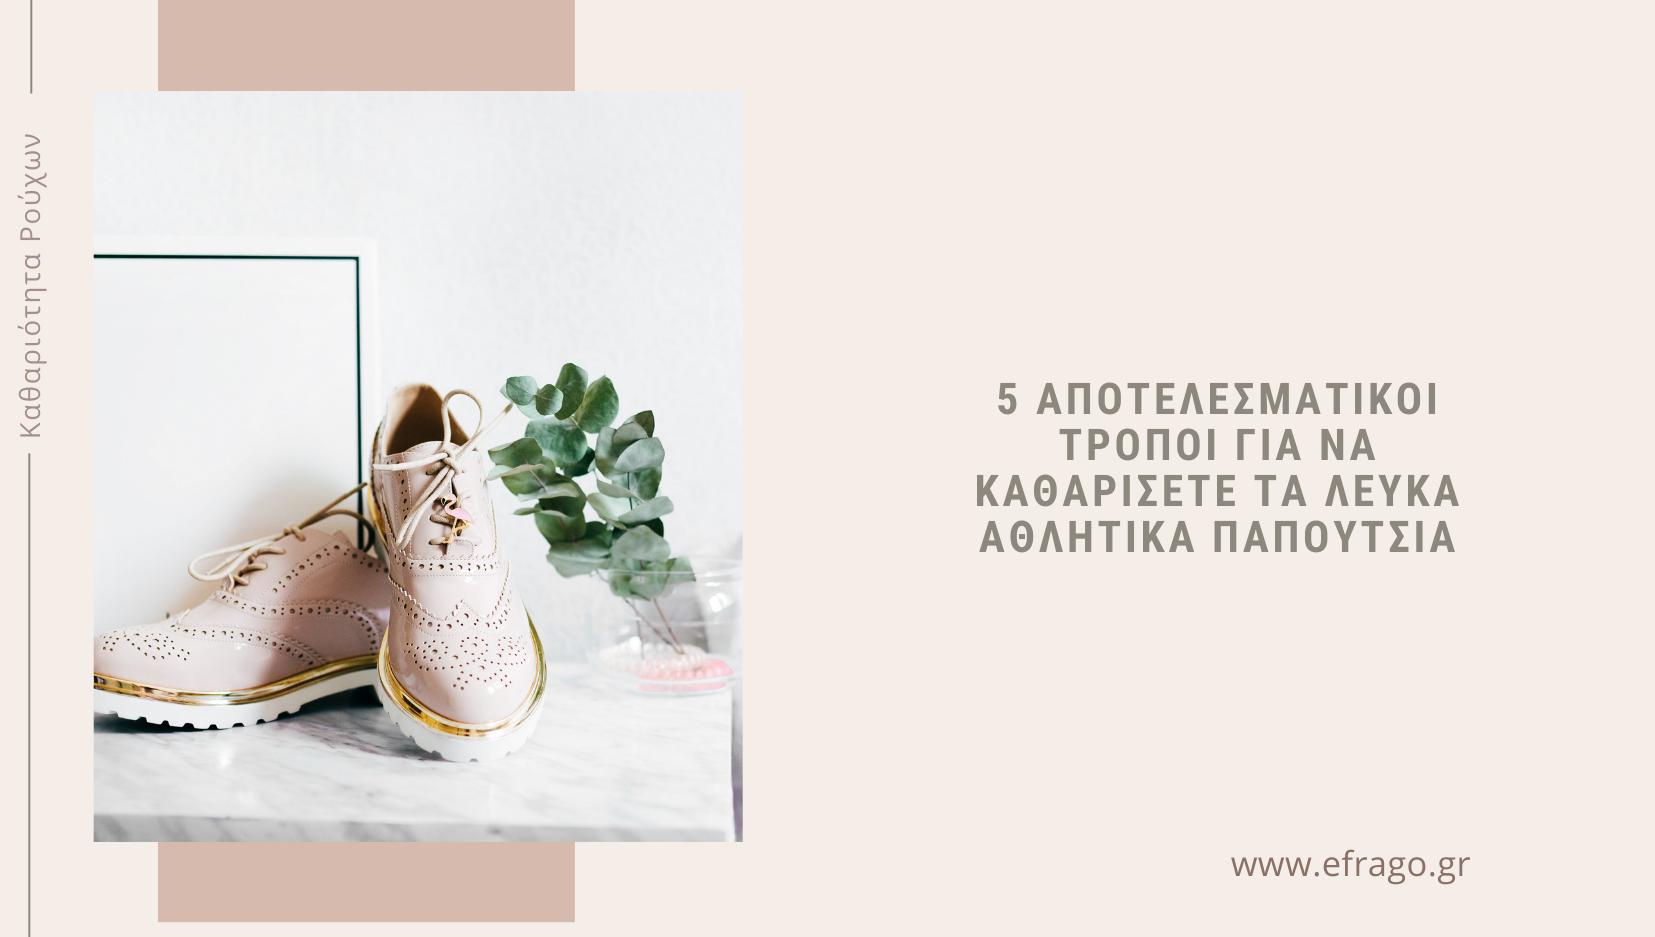 5 αποτελεσματικοί τρόποι για να καθαρίσετε τα λευκά αθλητικά παπούτσια